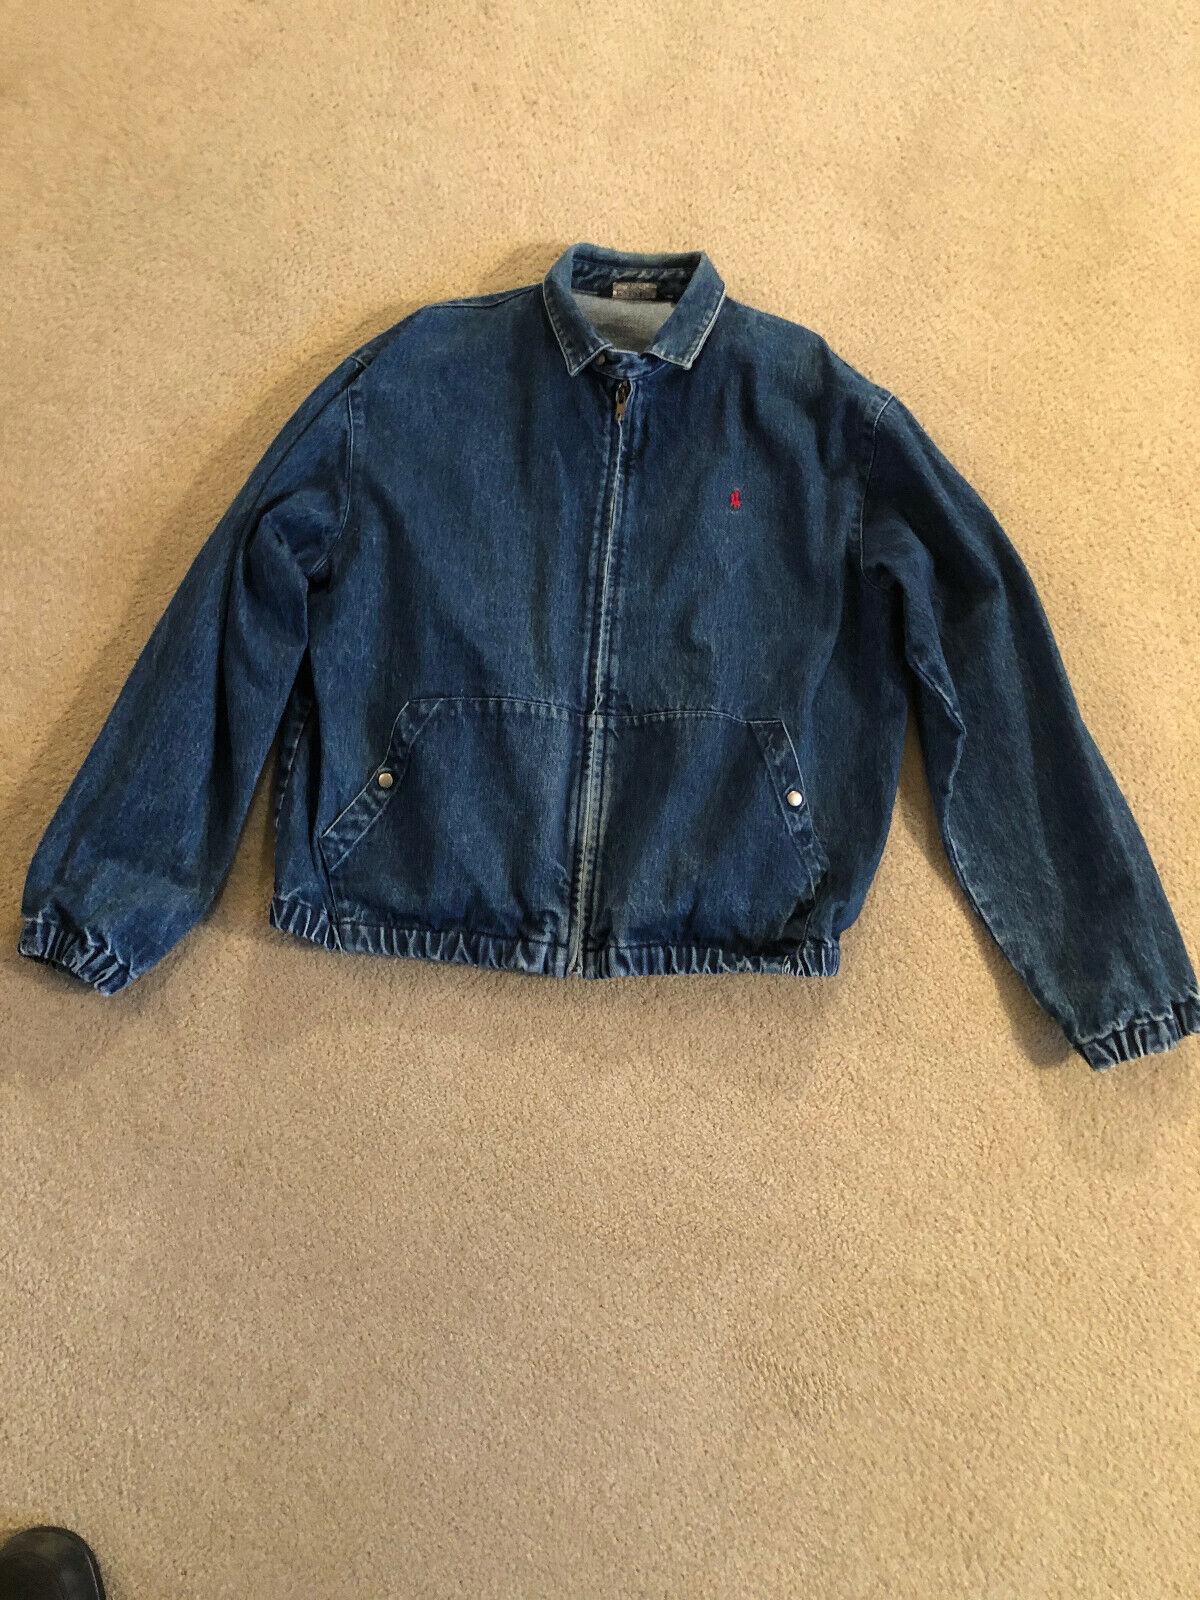 Vintage 80s 90s Polo Ralph Lauren Authentic Jean… - image 1